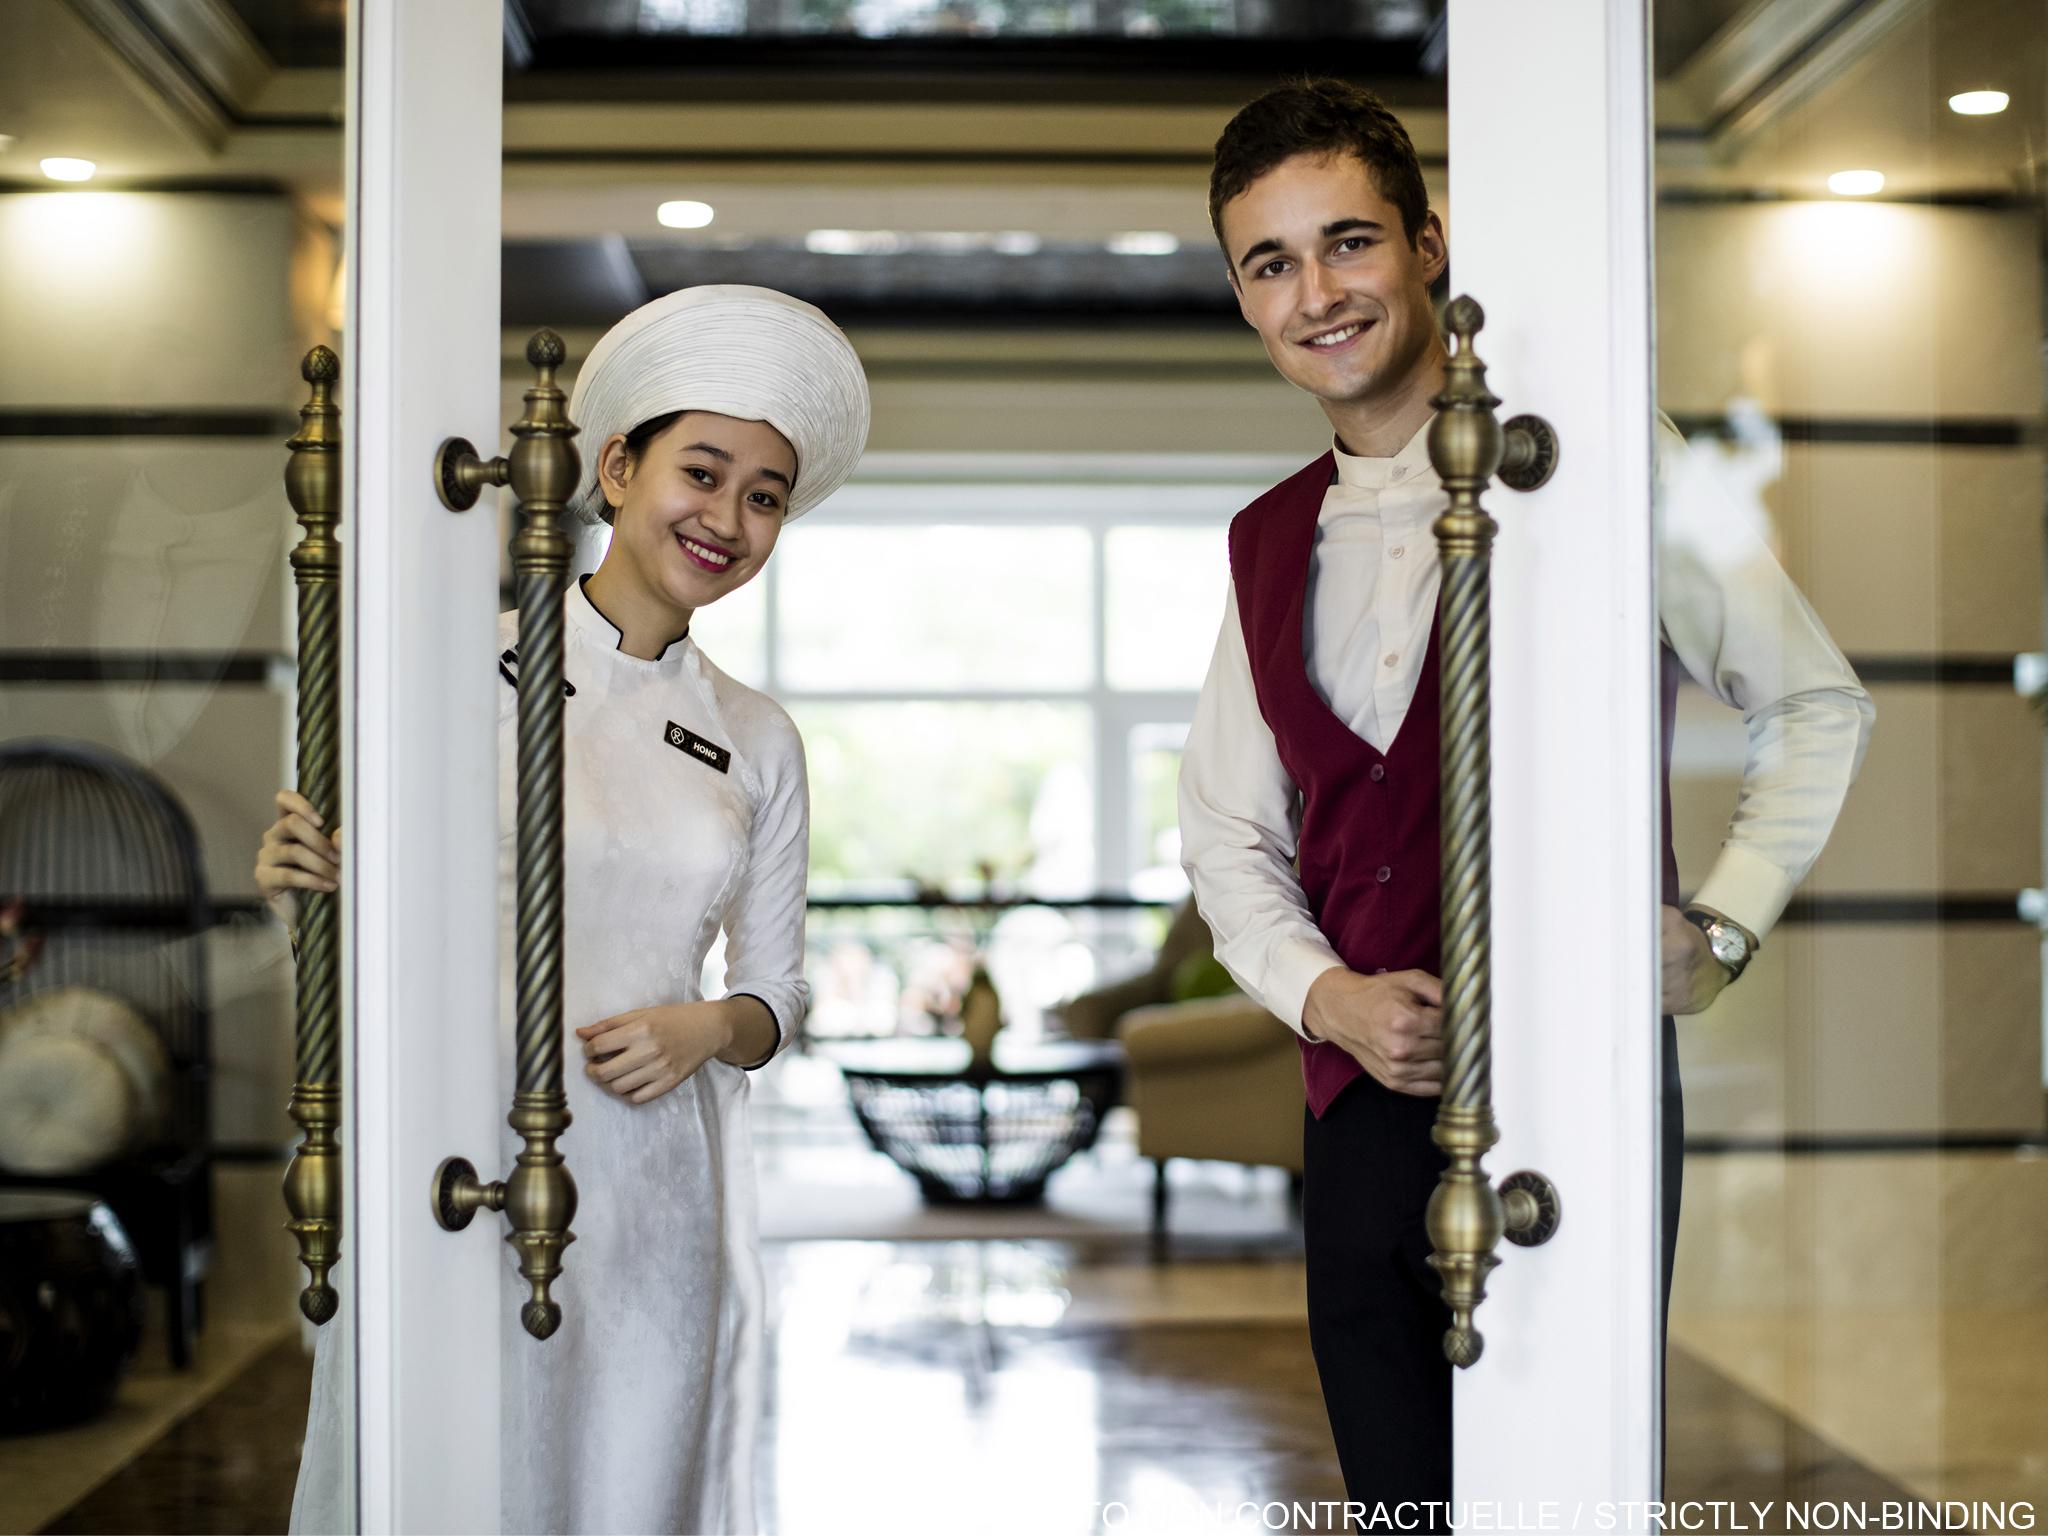 فندق - سيفتح فندق كانفاس دبي إم غاليري من سوفيتل في أكتوبر 2018